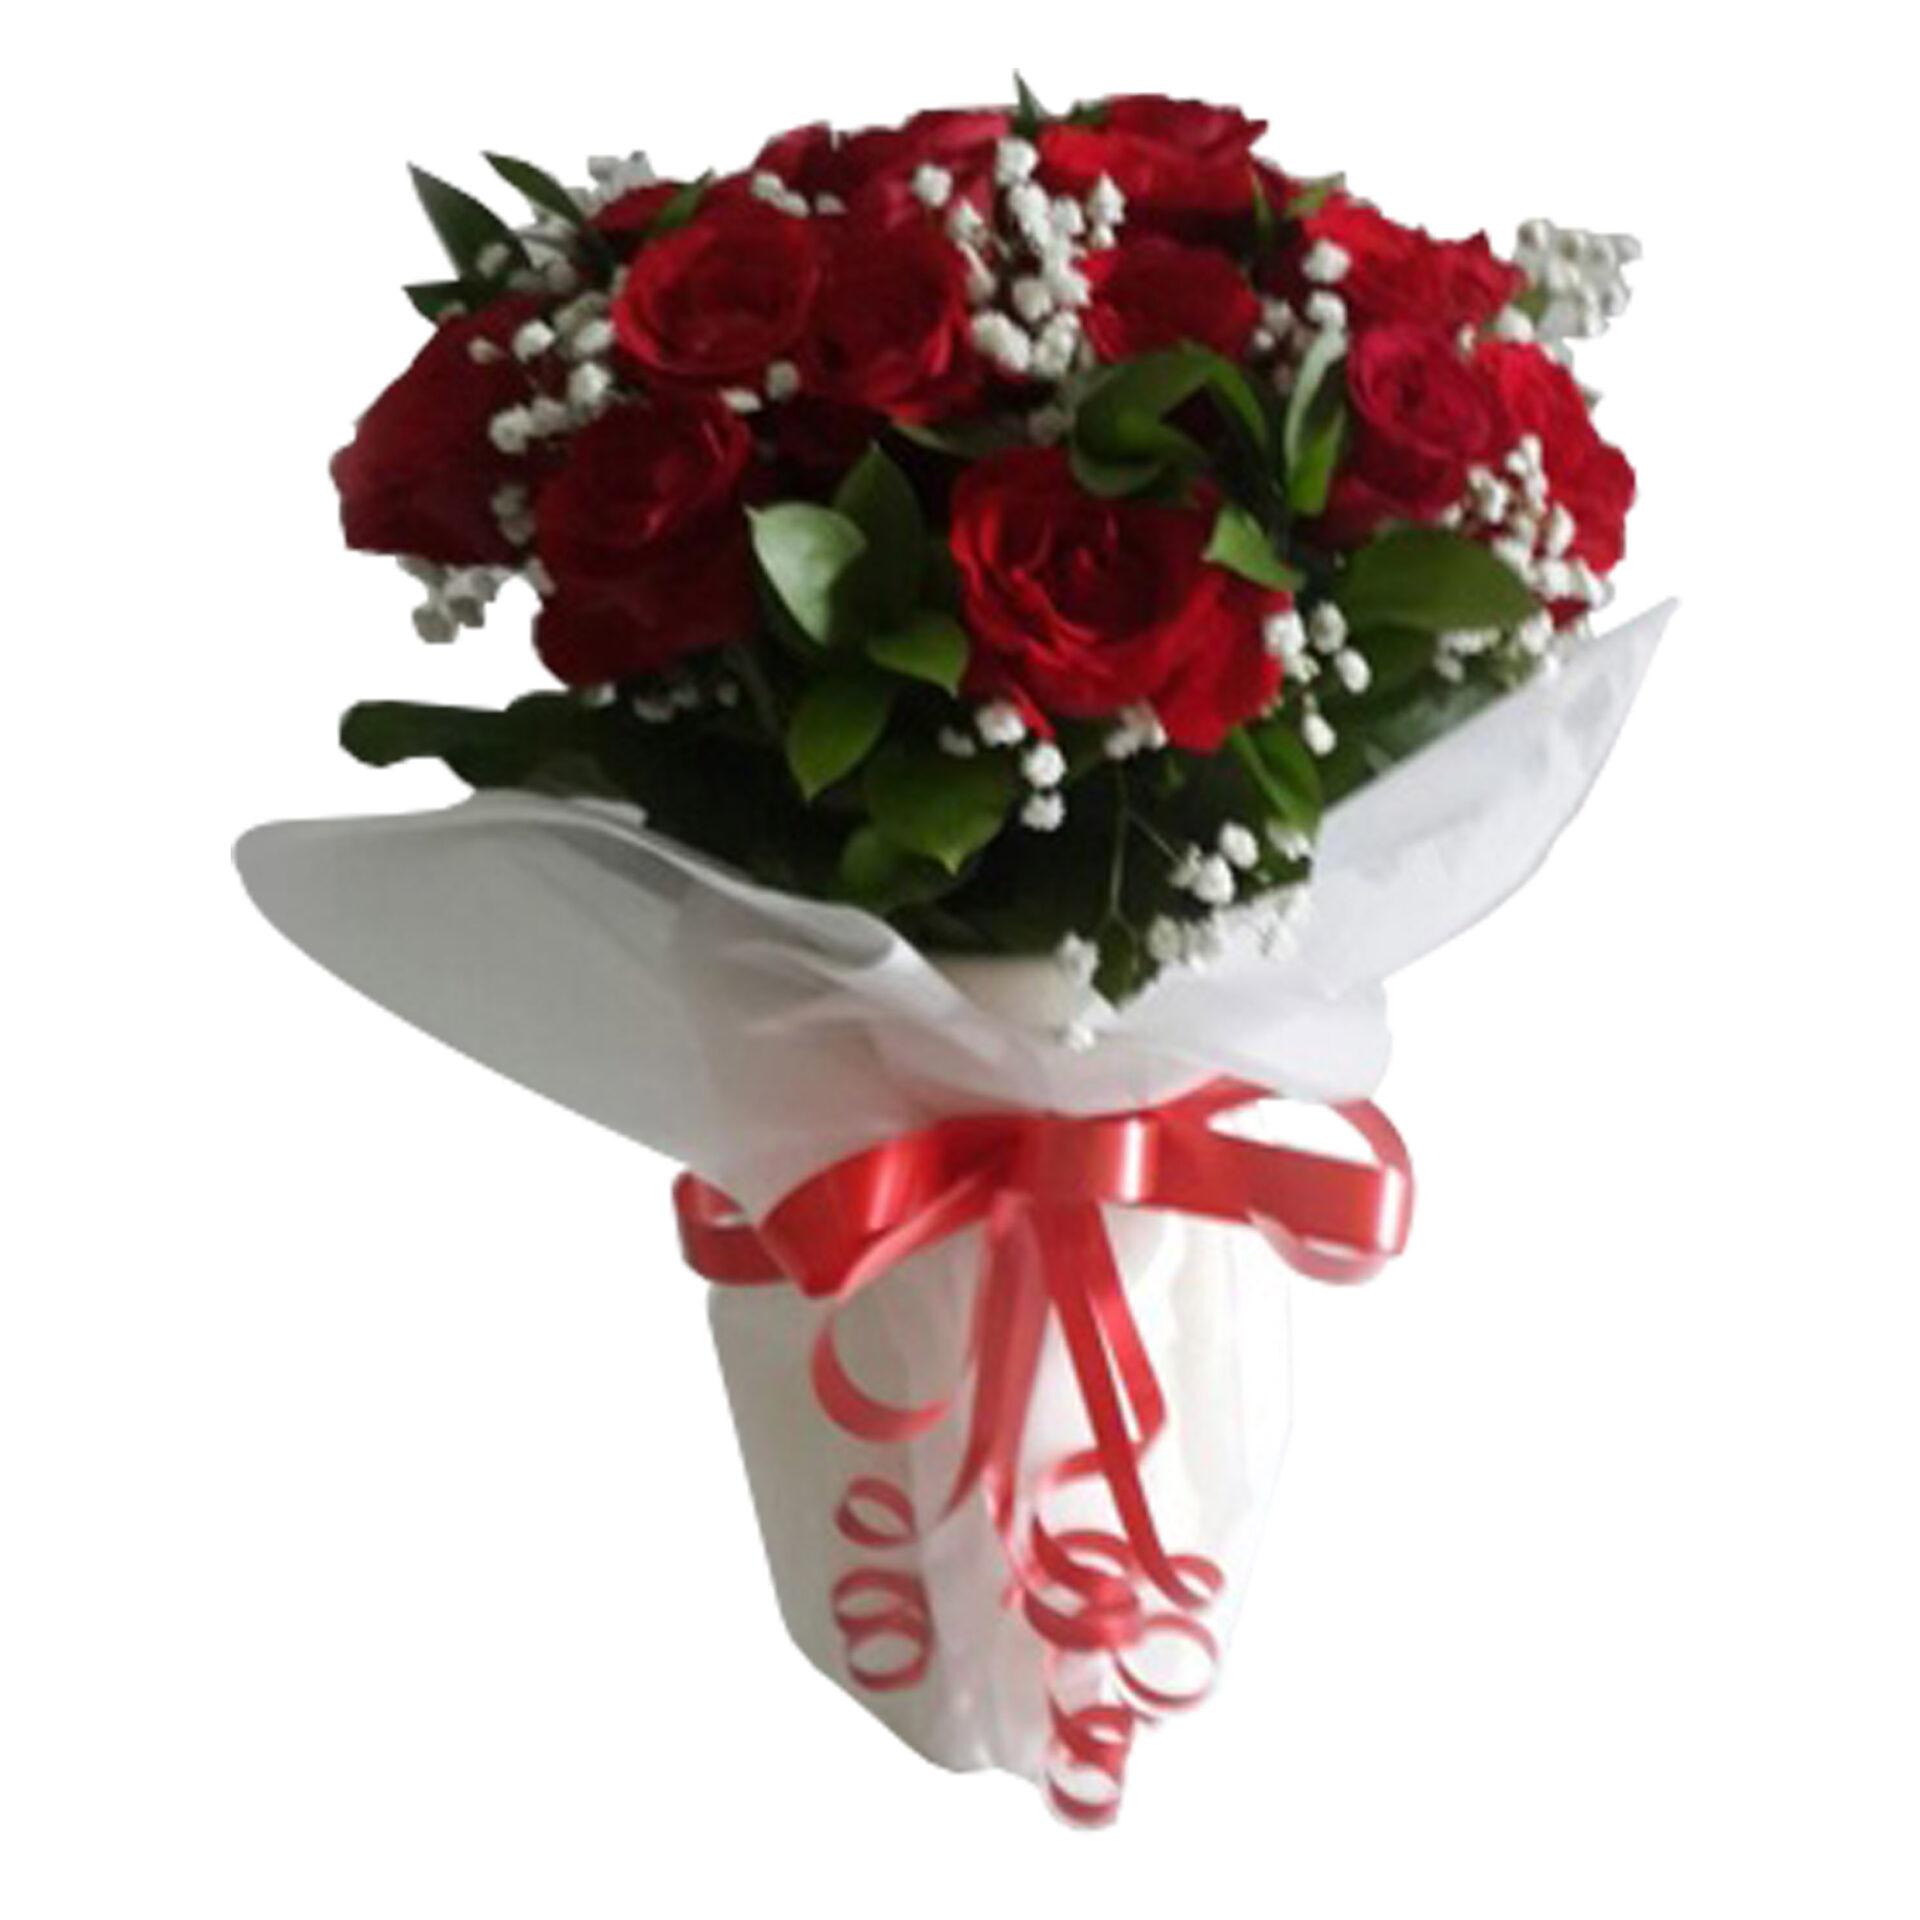 Elora Florist Sebagai Toko Bunga Di Surabaya Terlengkap sudah memberikan  berbagai macam gambaran produk yang bisa Anda pilih sesuai dengan kebutuhan. 4e7ee63421